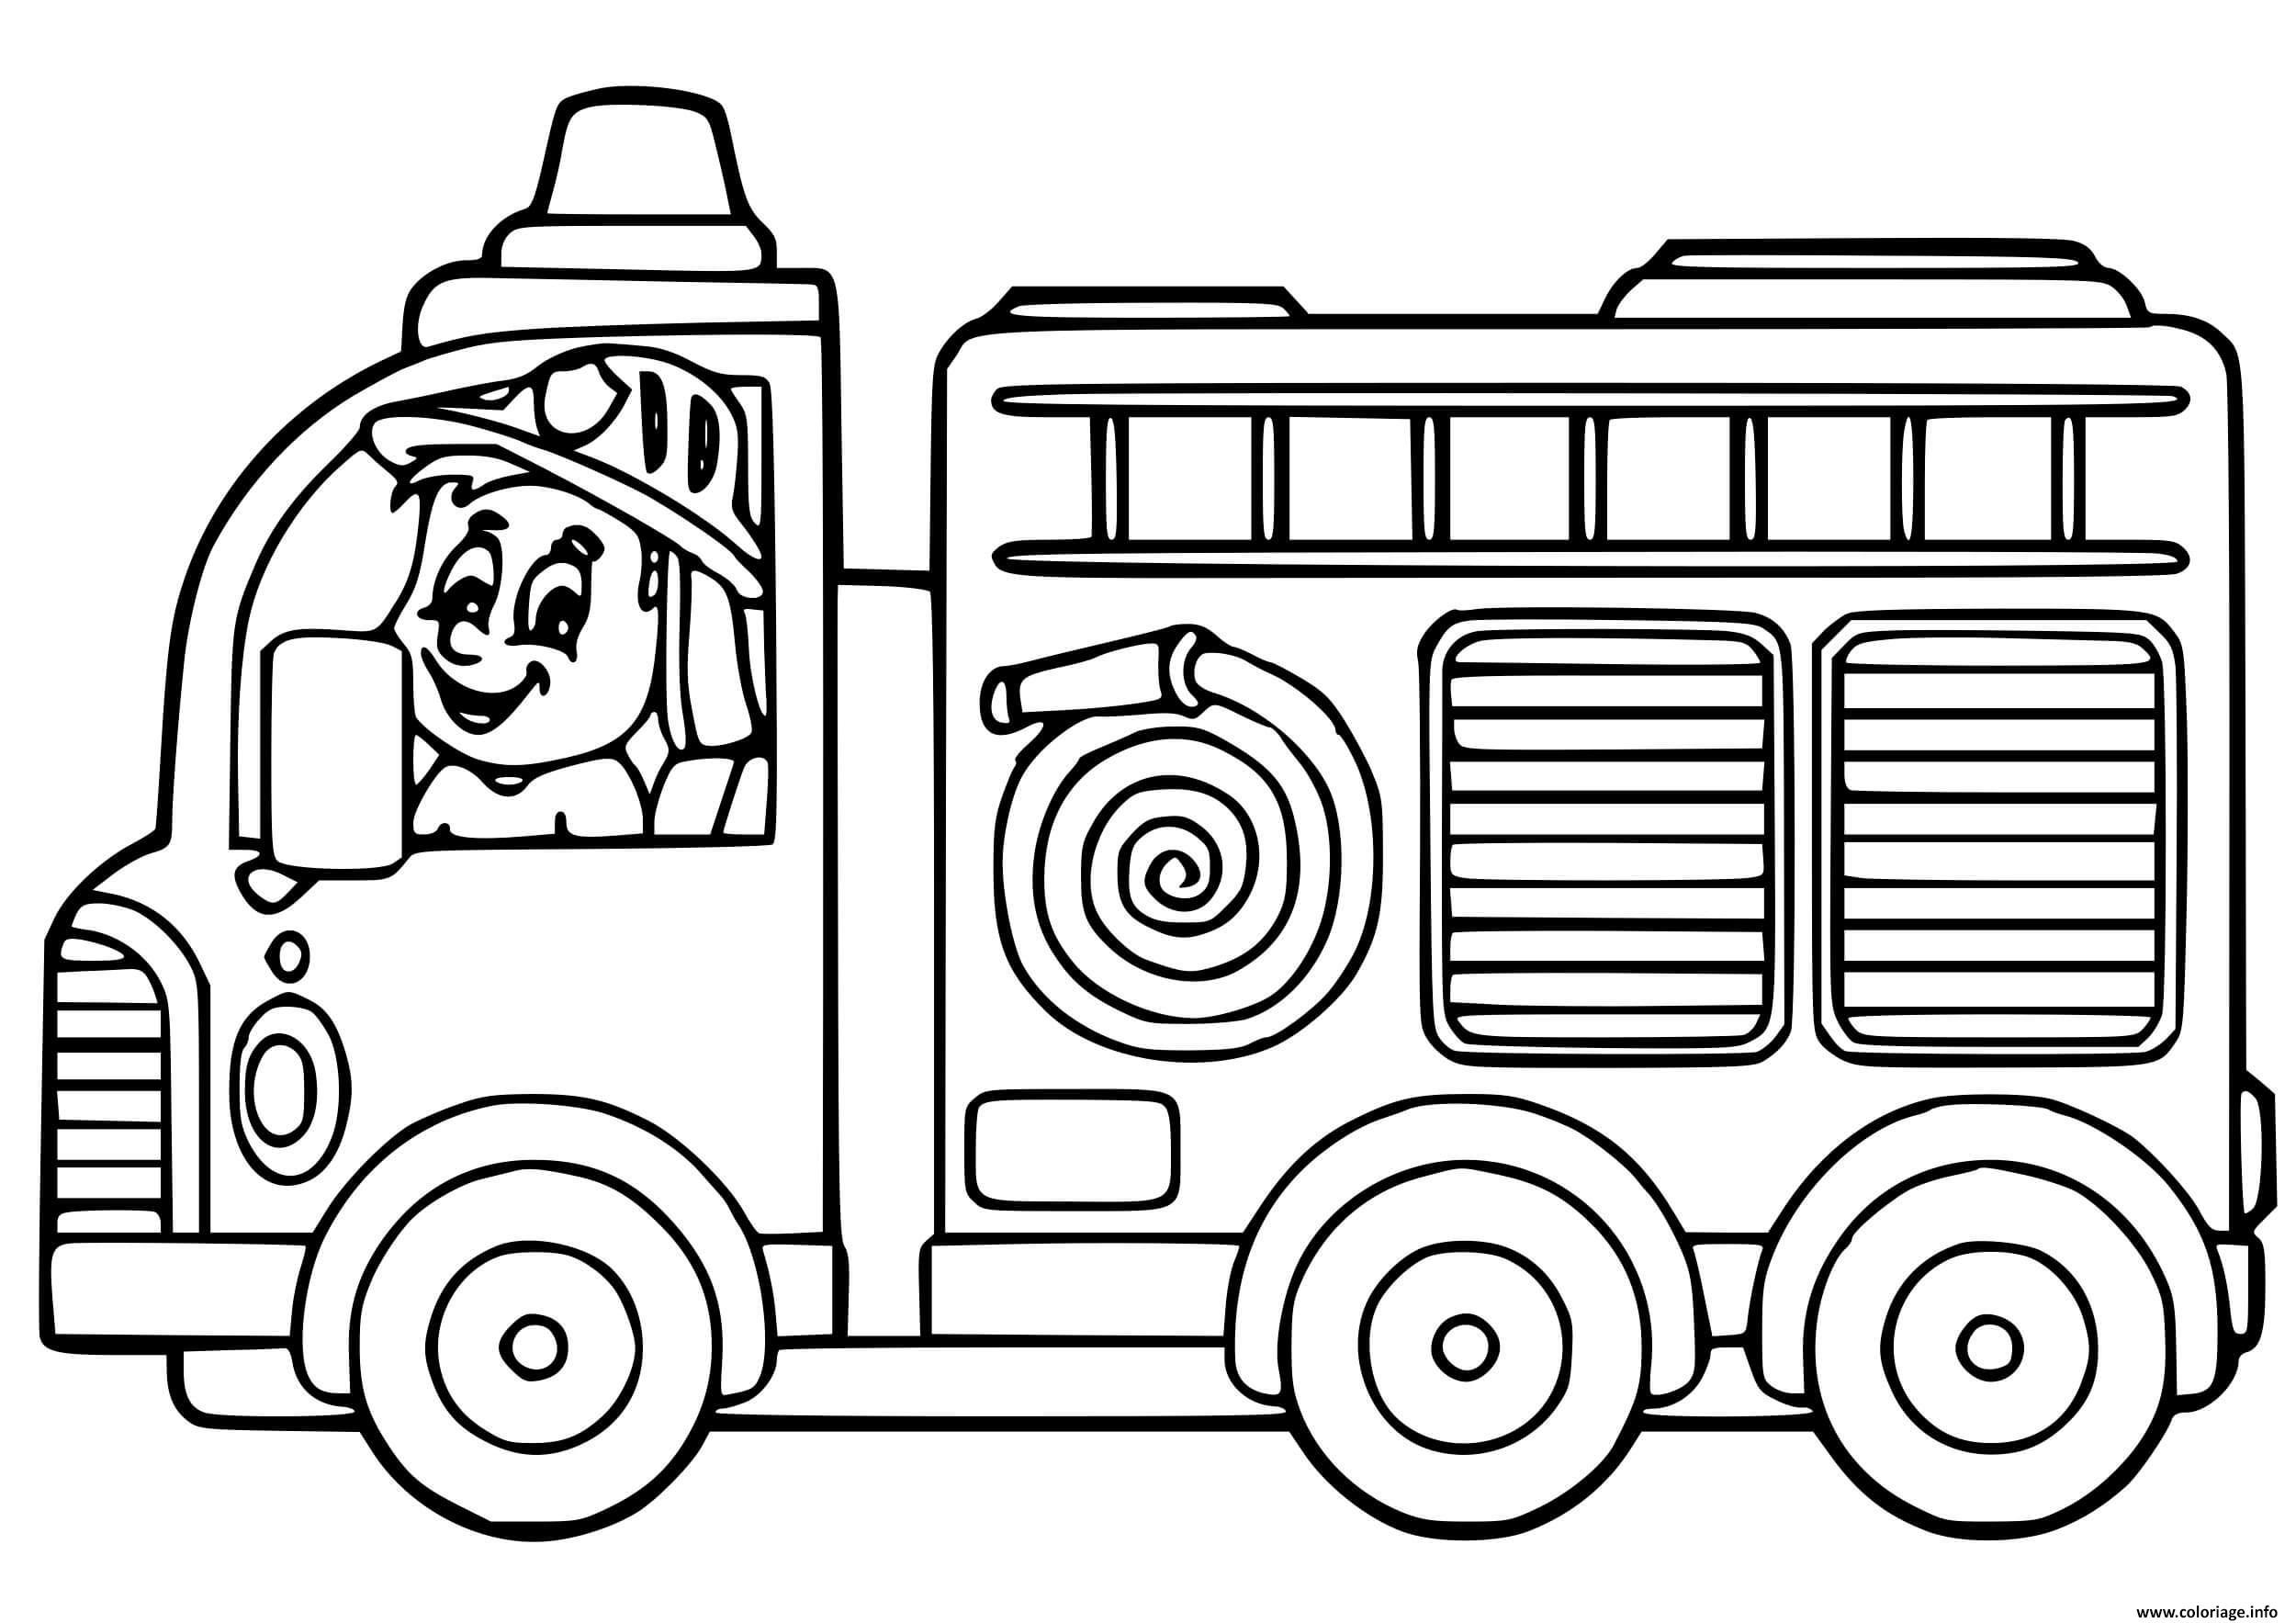 Dessin camion de pompier maternelle facile Coloriage Gratuit à Imprimer